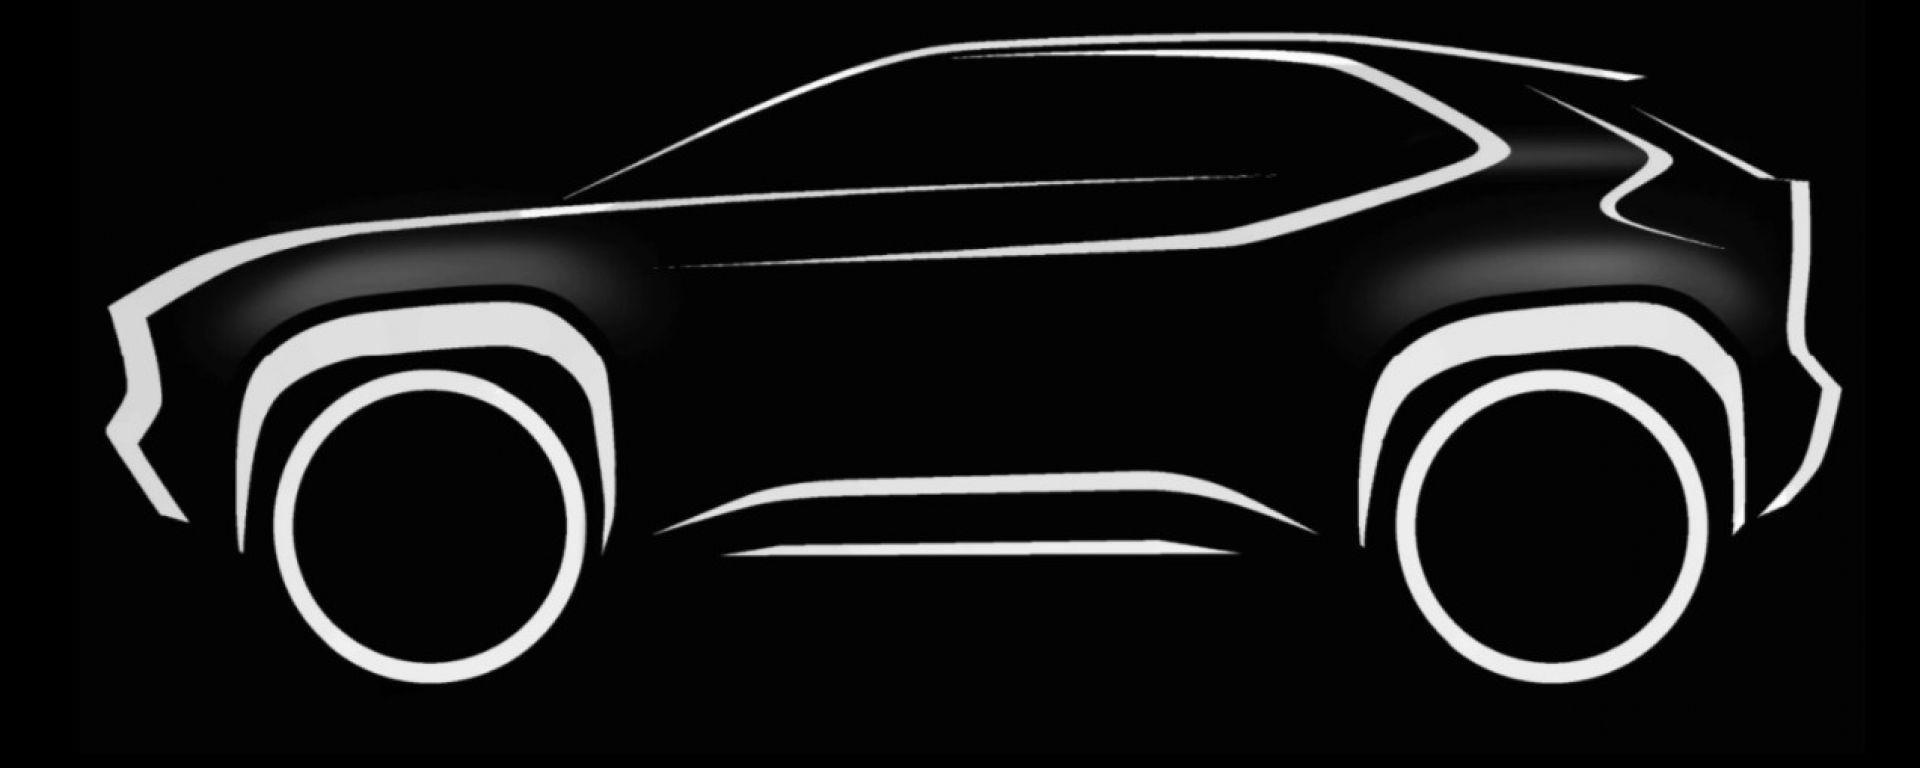 Toyota Yaris Suv, la sagoma sarà (più o meno) così